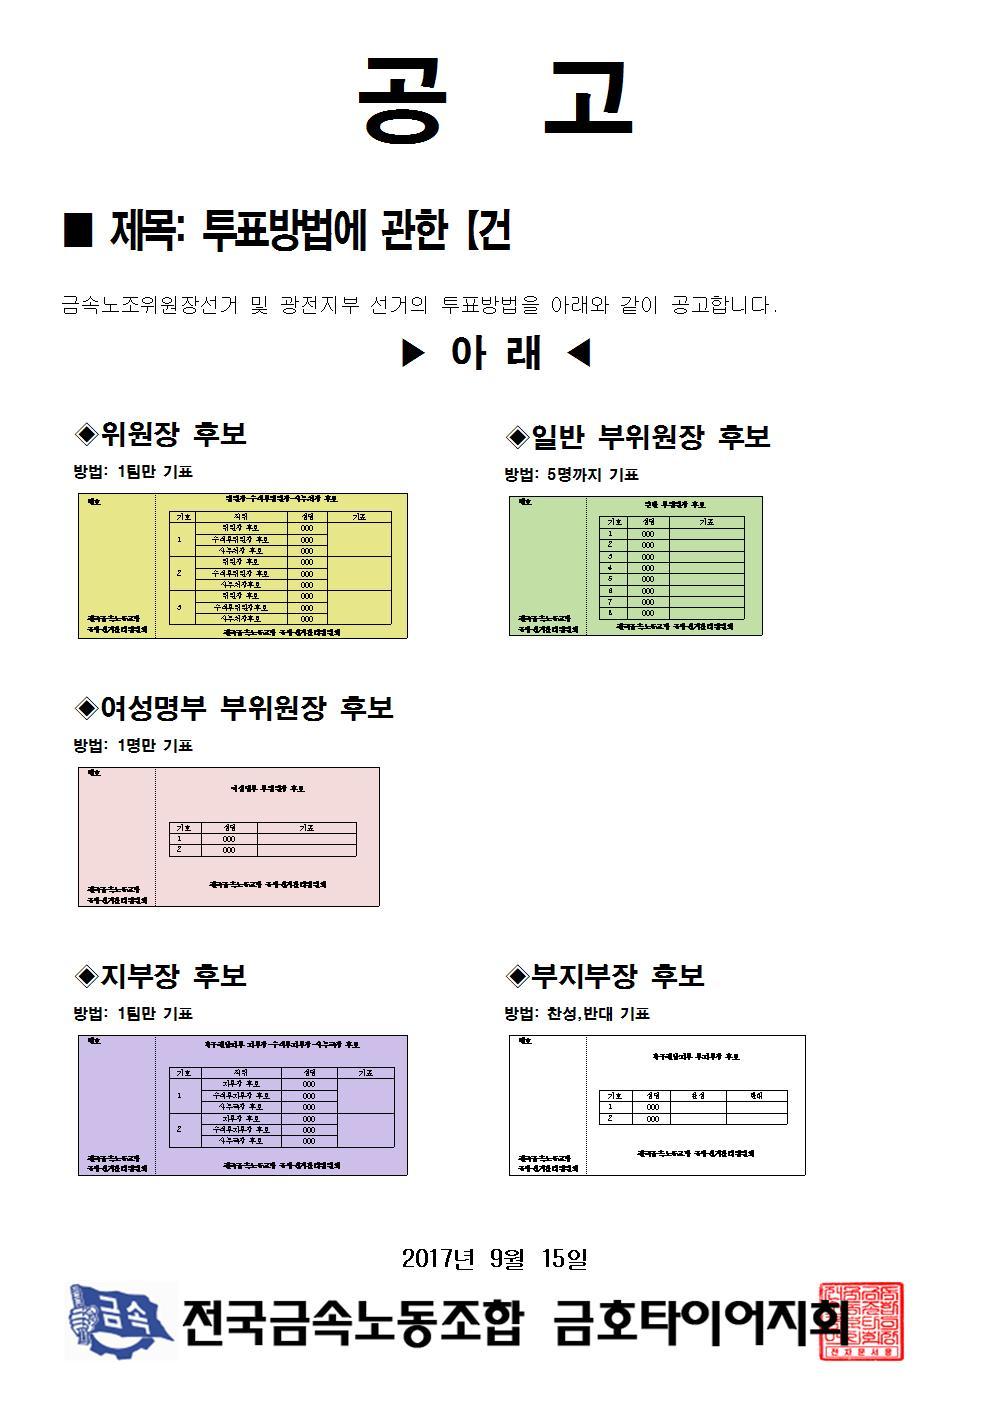 금속임원선거 투표방법공고001.jpg